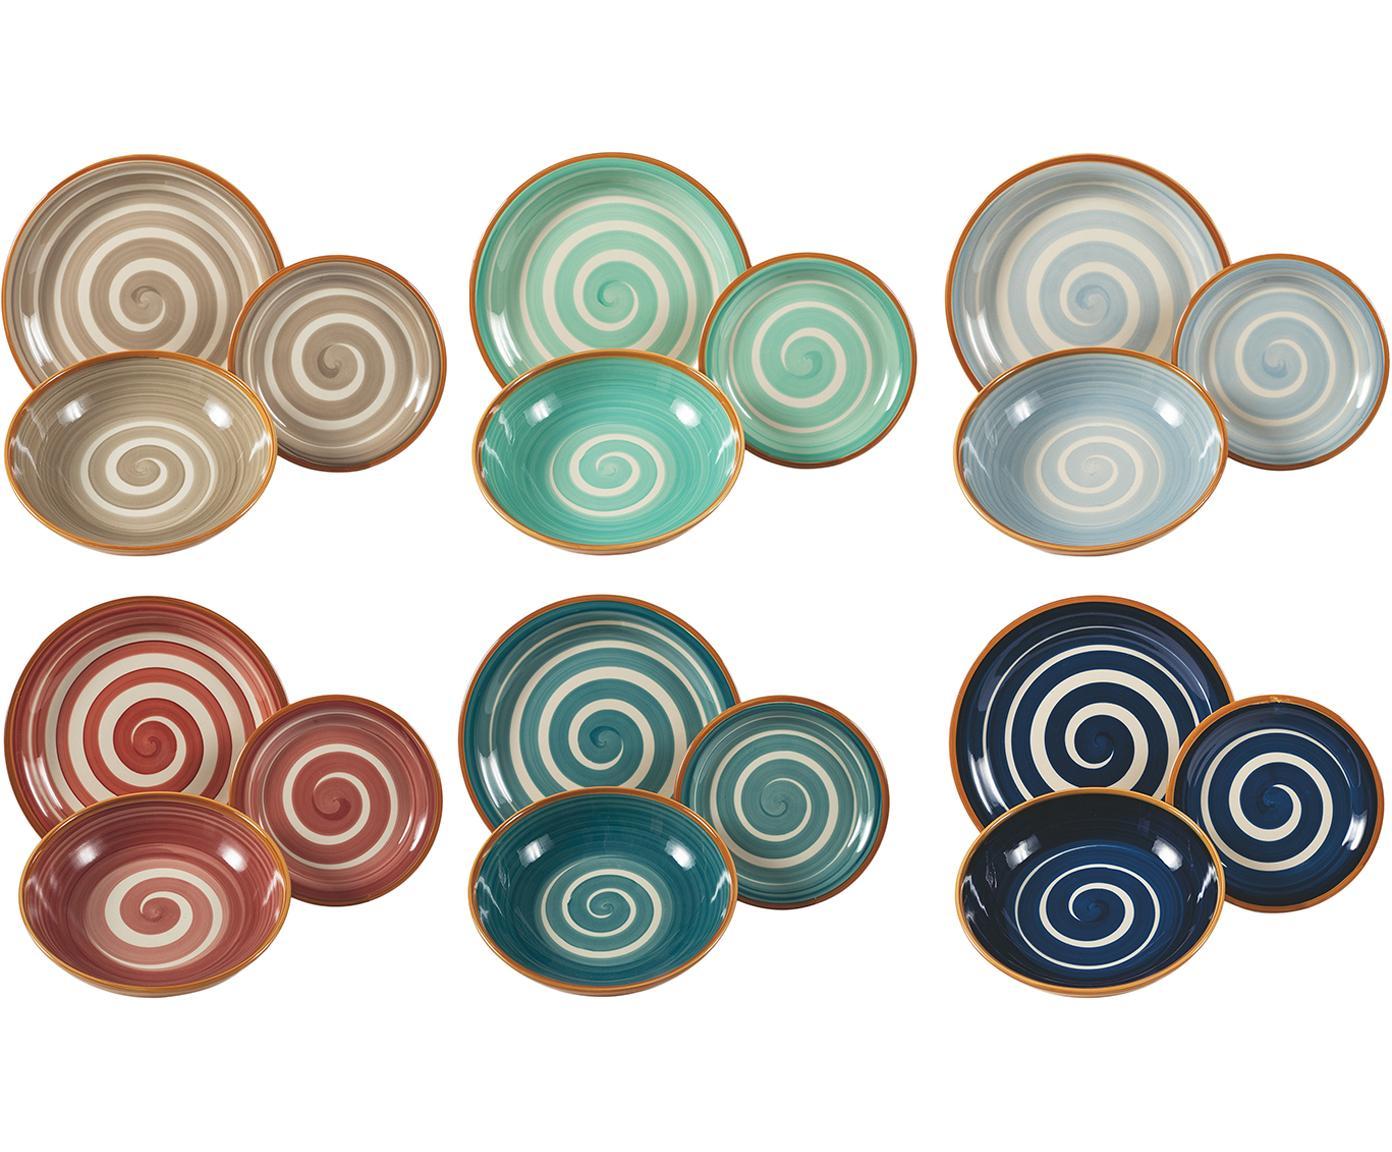 Set 18 piatti Formentera, 6 persone, Terracotta, Multicolore, Diverse dimensioni